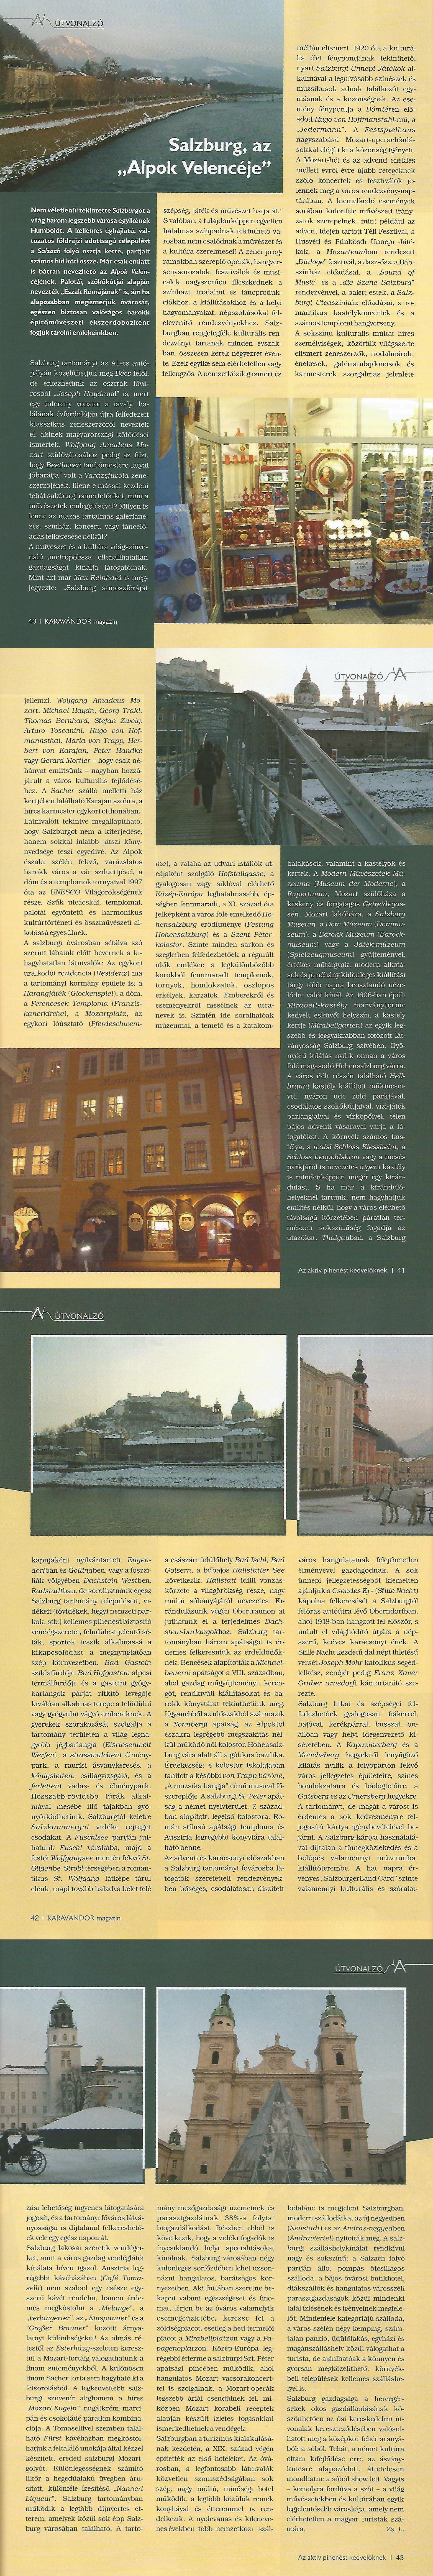 Útvonalzó - Salzburg, az